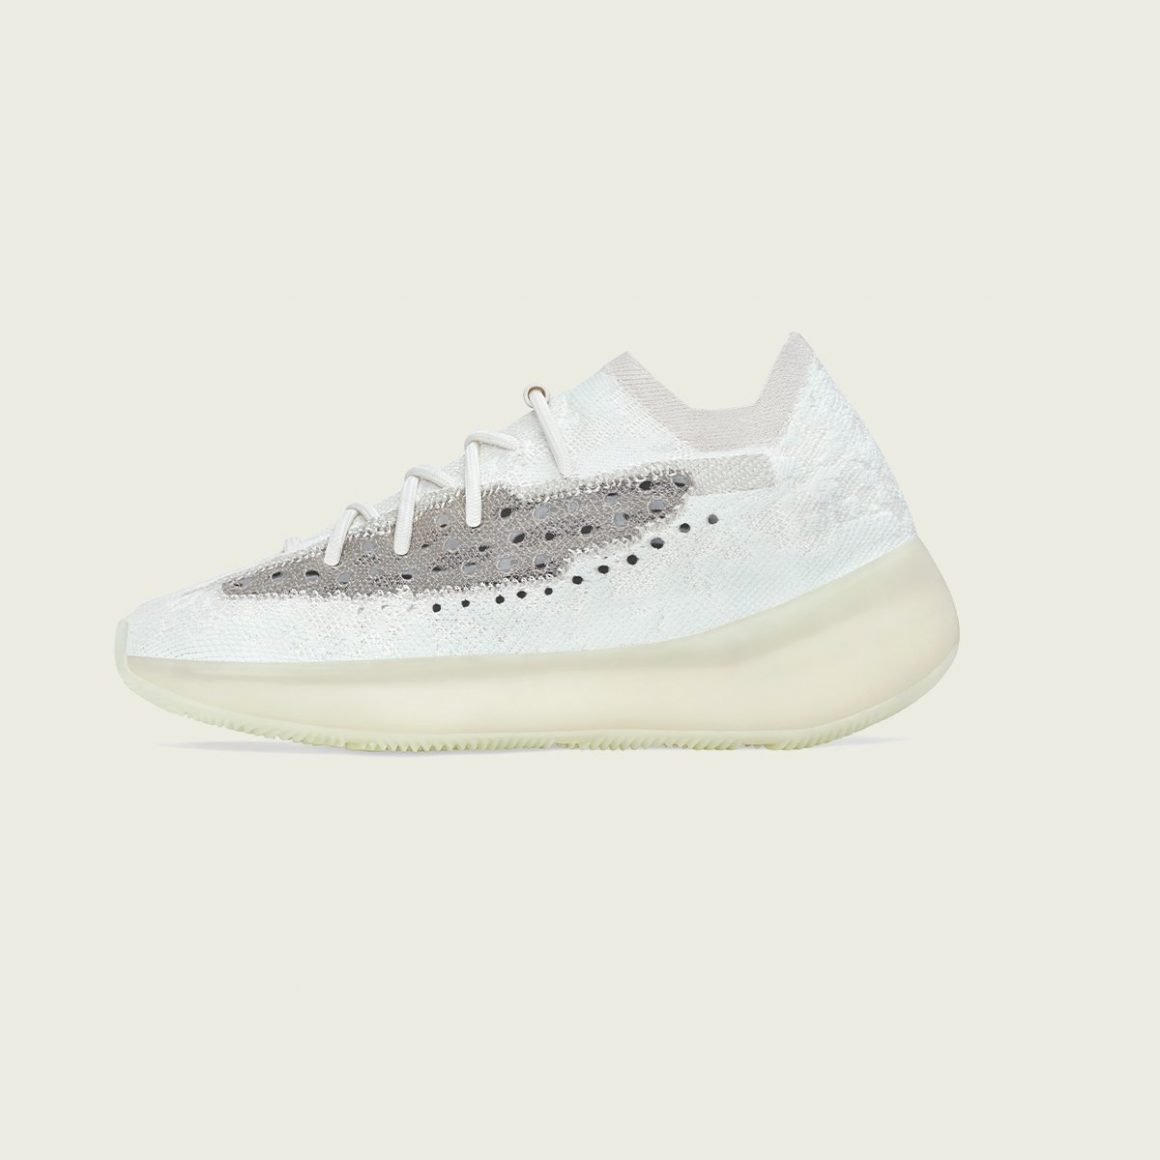 adidas Yeezy Boost 380 ''Calcite Glow'' - GZ8668